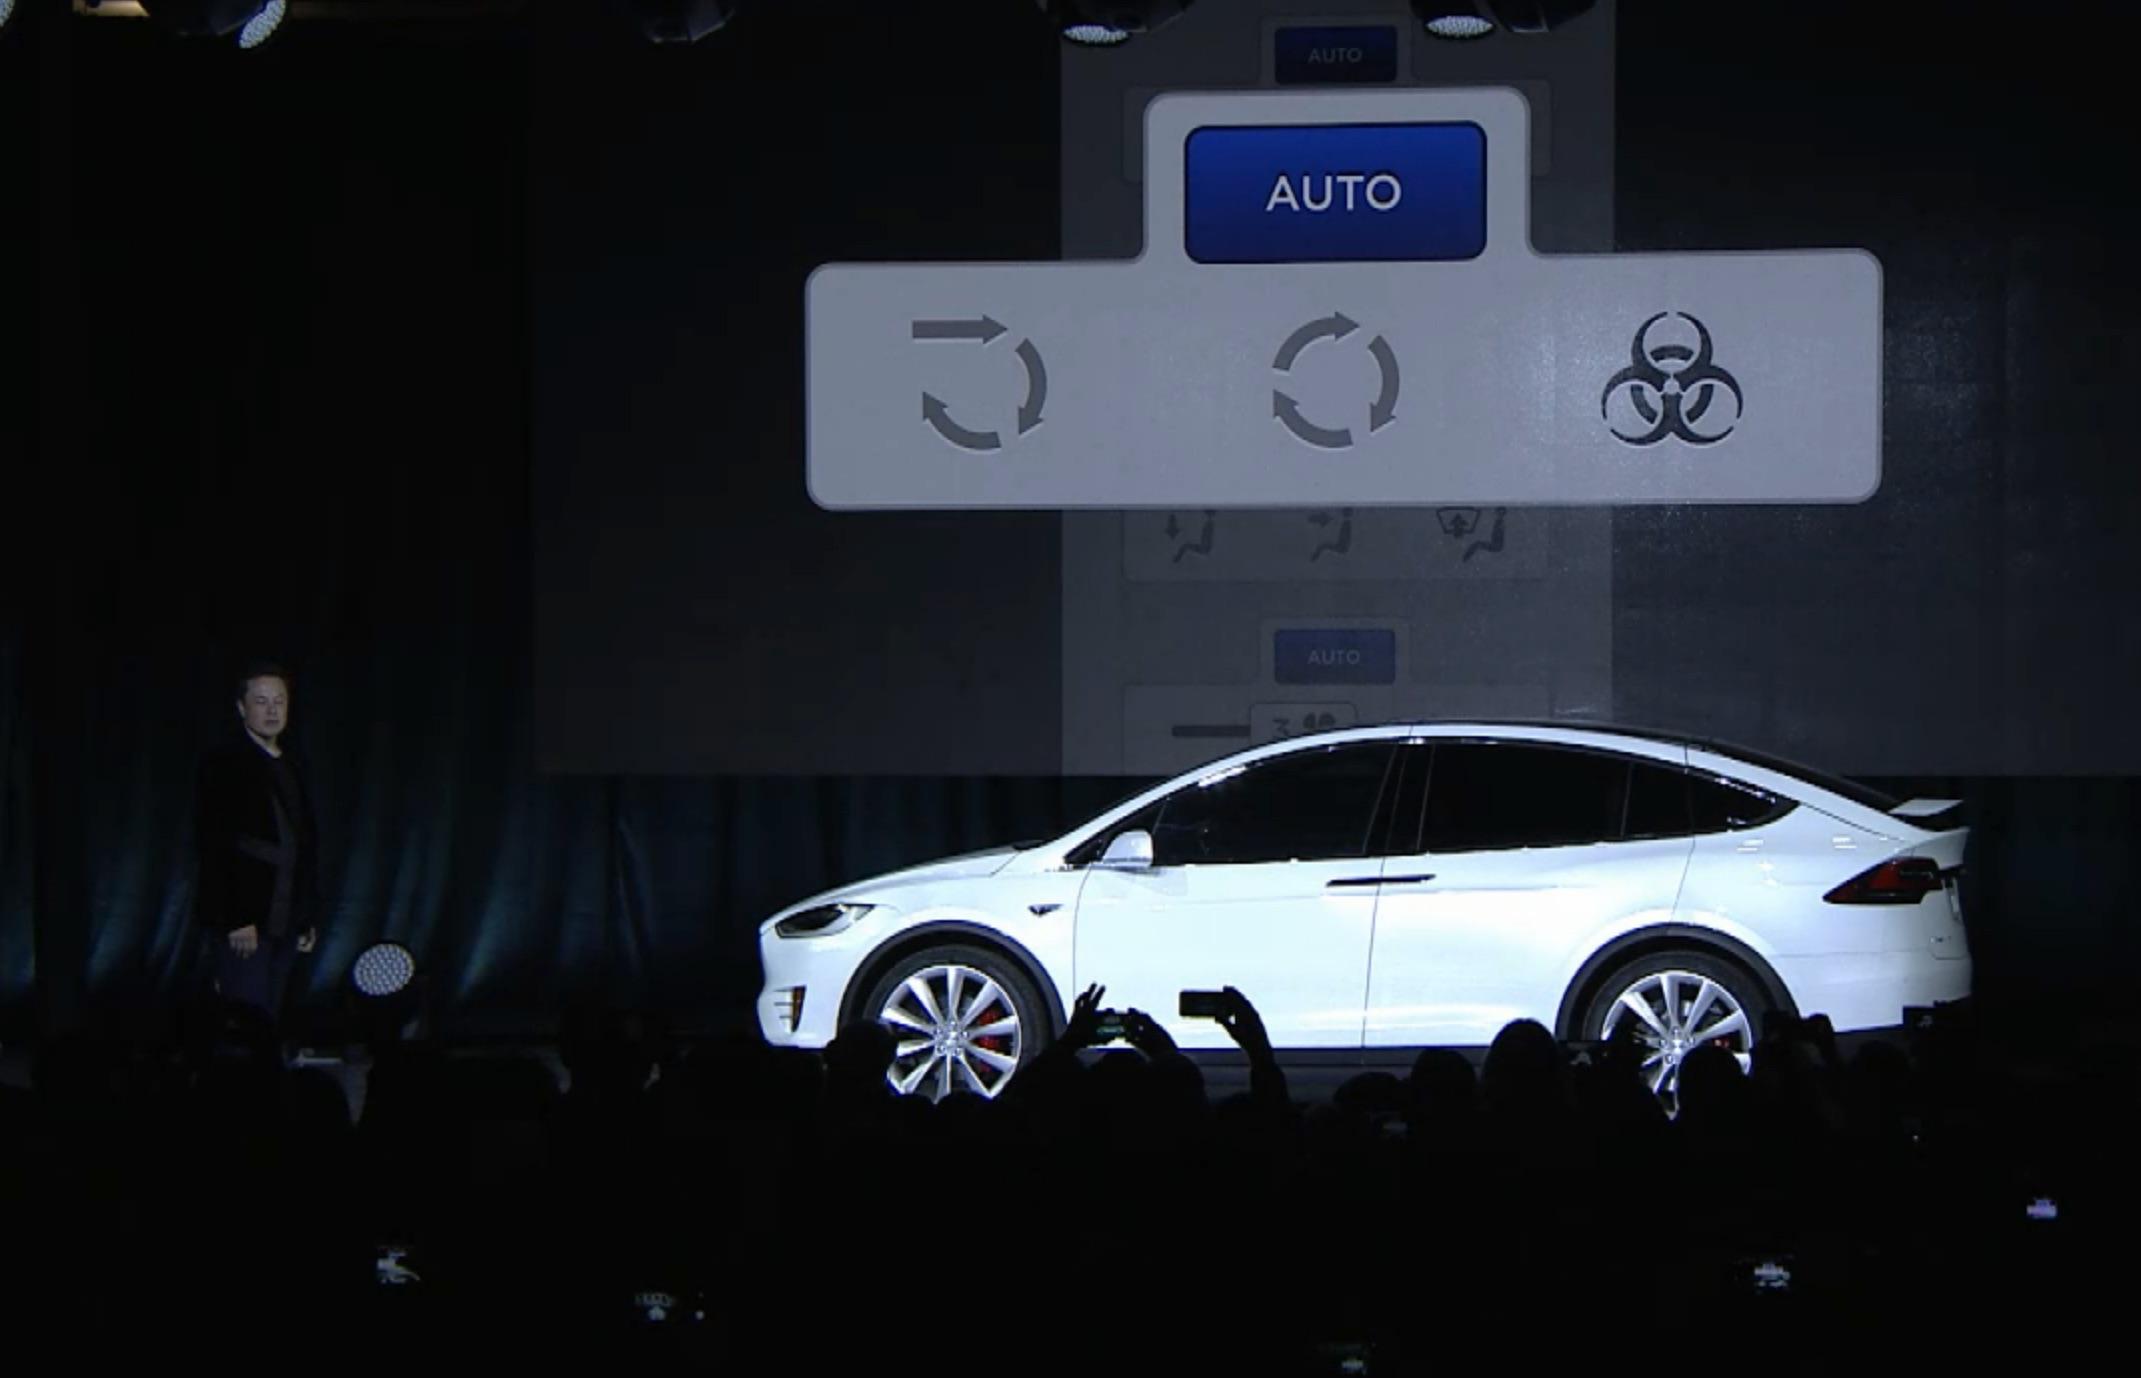 Audi introduces bio-defence mode